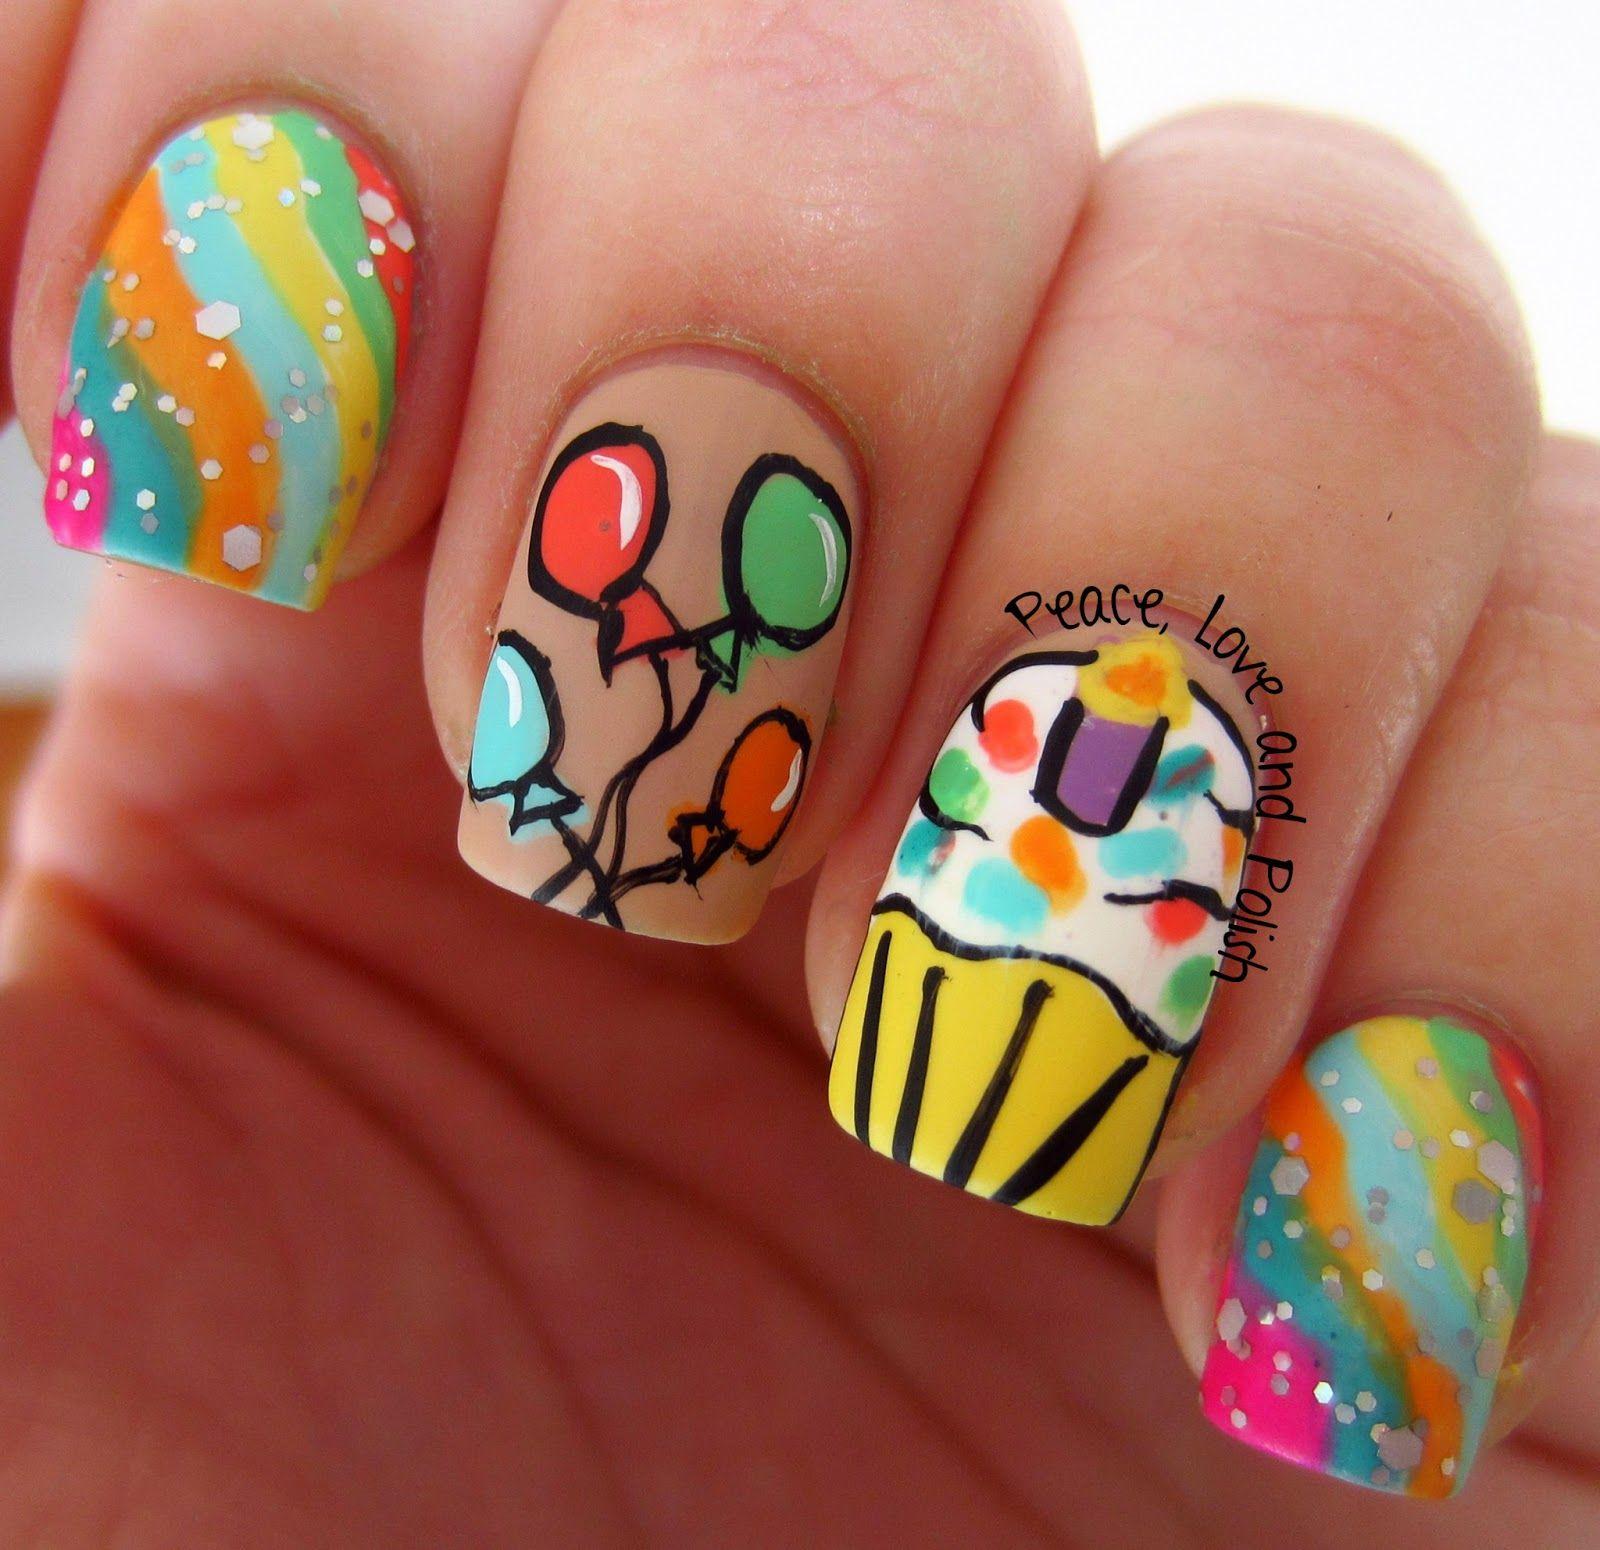 Pin By Jacquie On Nails Birthday Nail Art Birthday Nails Nail